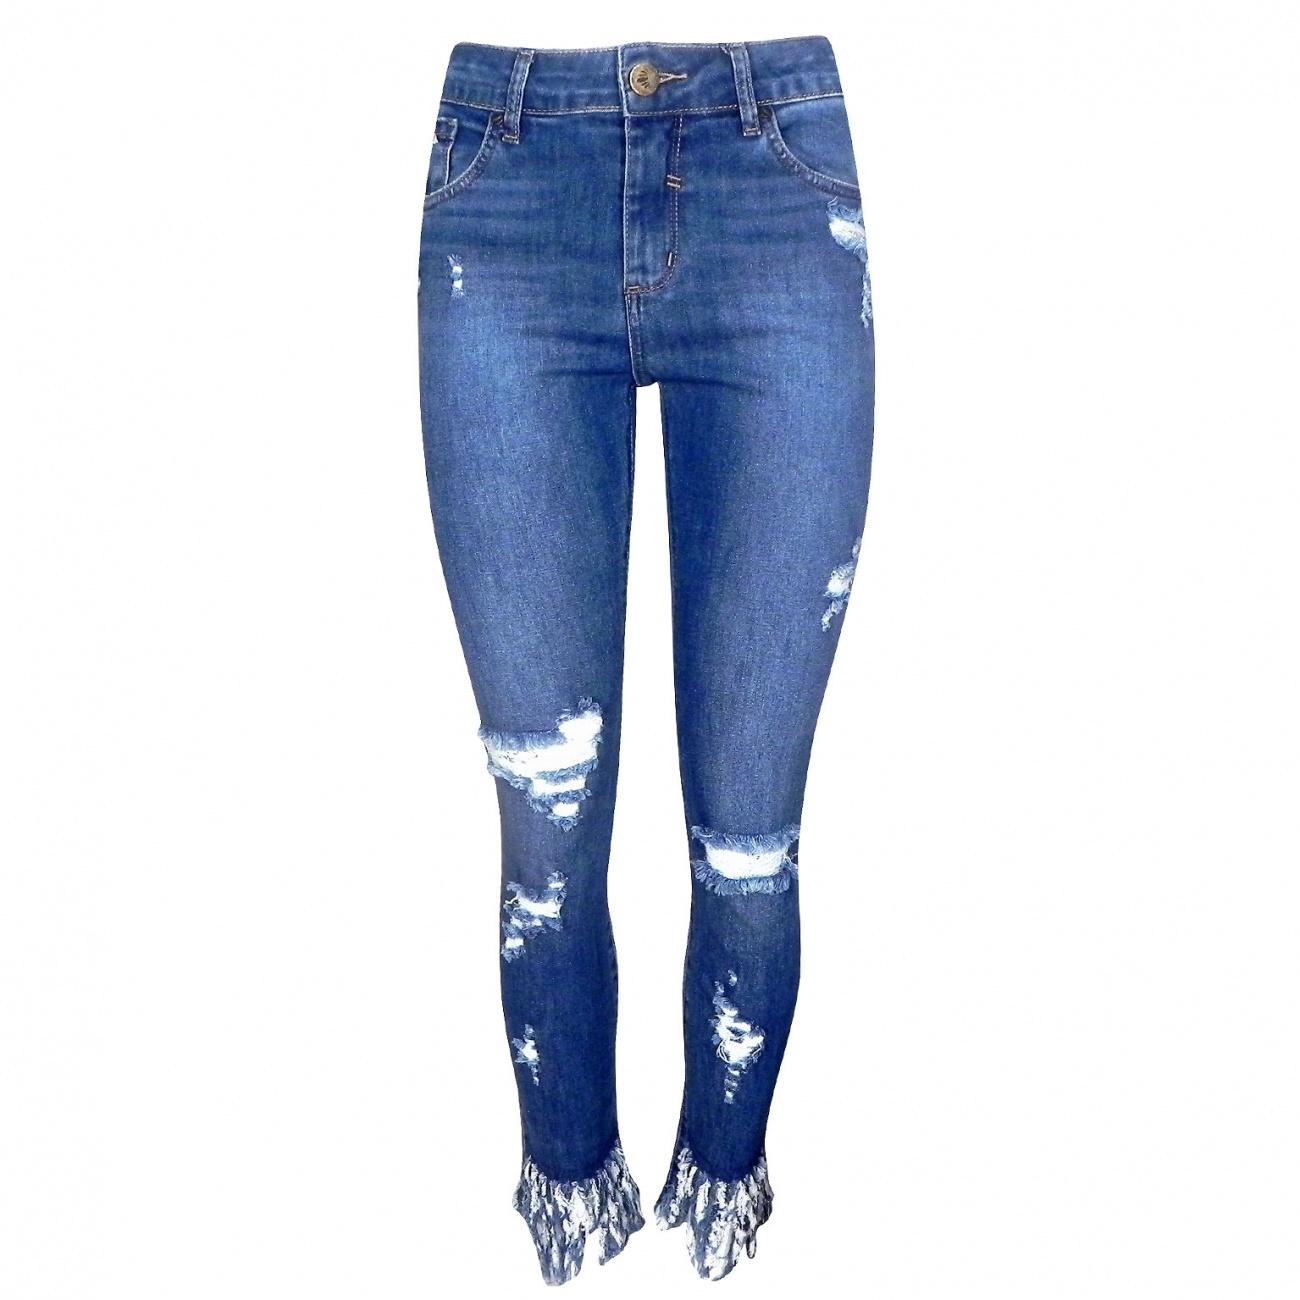 534730536 Calça Jeans Skinny Its & Co - Destroyed - Pole Modas